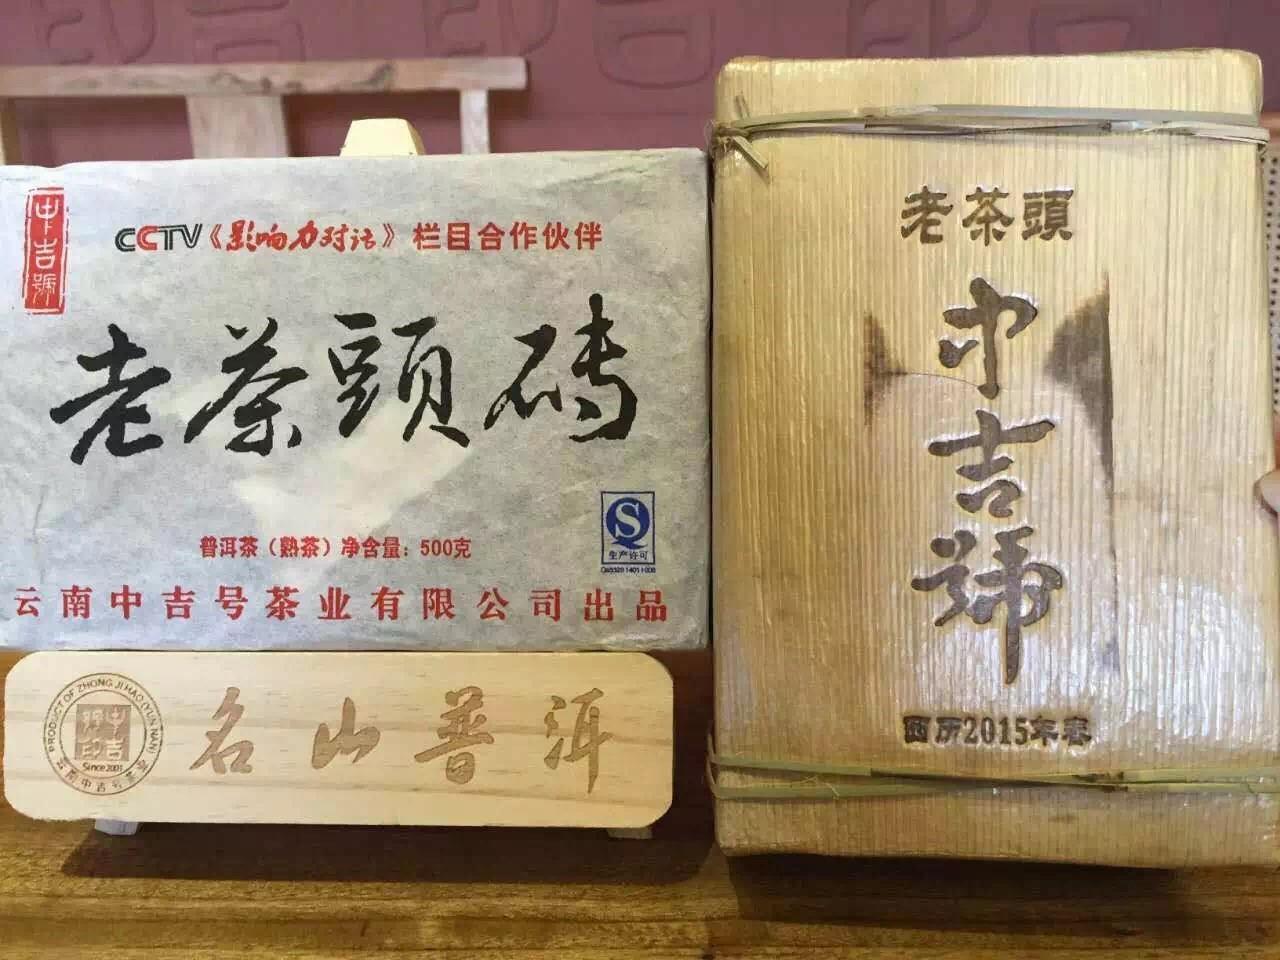 中吉号古树茶 - 老茶头砖2015